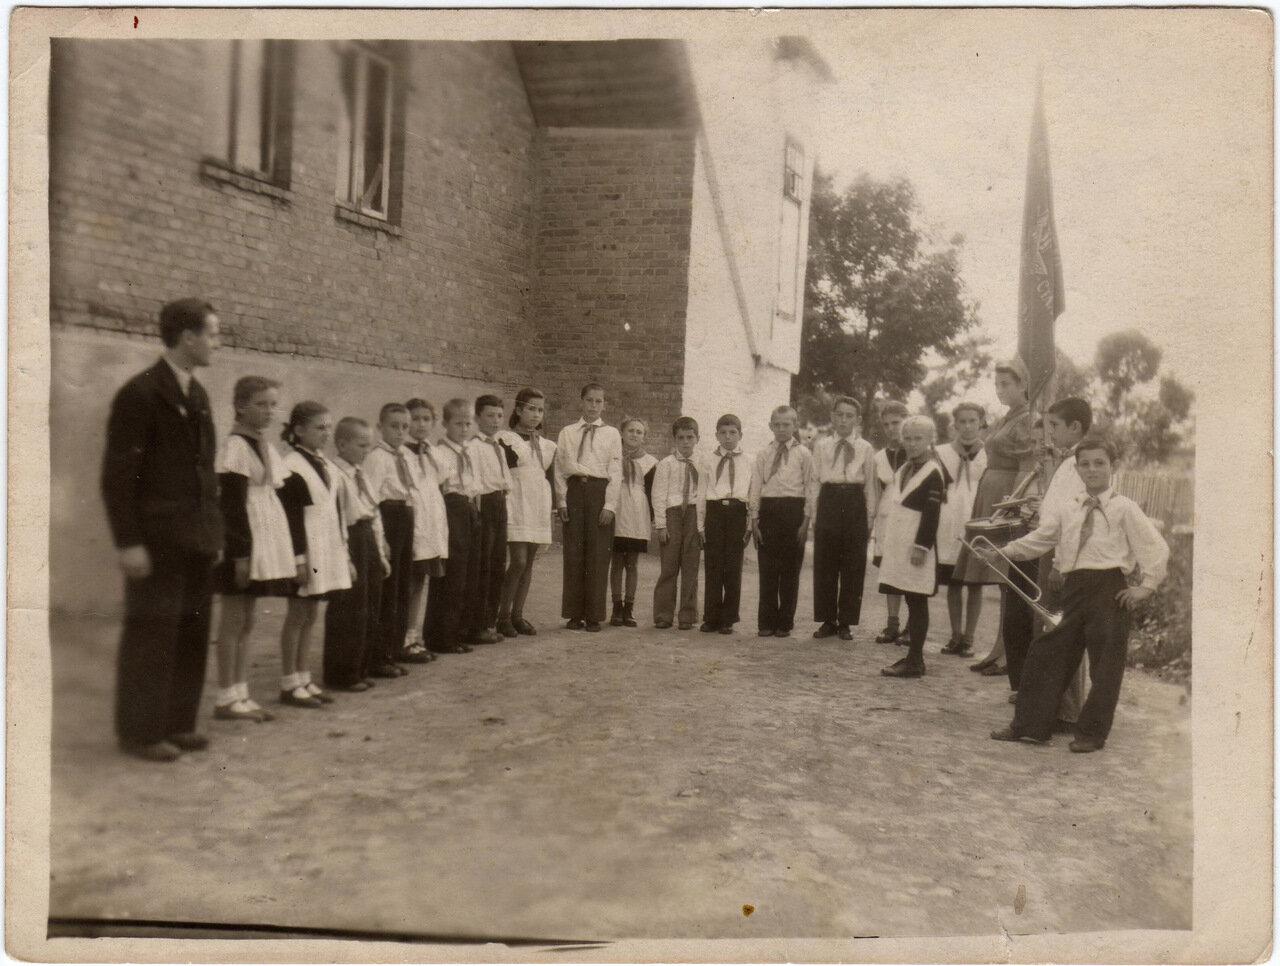 1950. Показательный сбор в школе